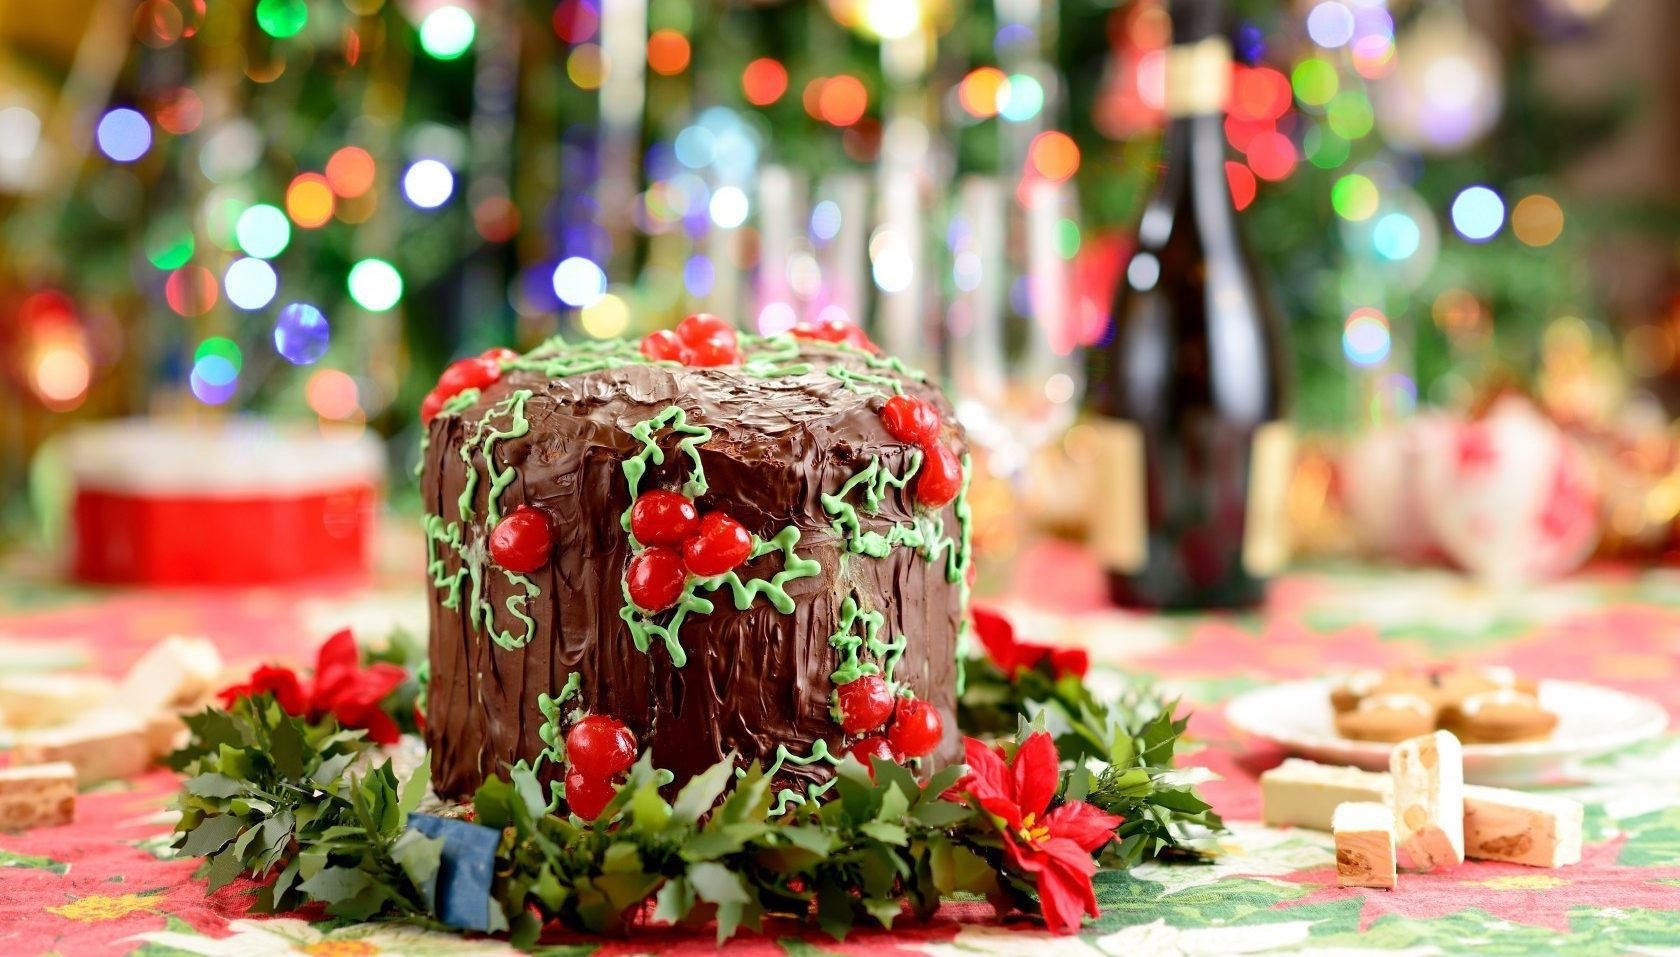 Ideen Für Weihnachtsessen Rezepte.Verwöhnen Sie Ihren Gaumen Mit Köstlichkeiten Beim Weihnachtsessen